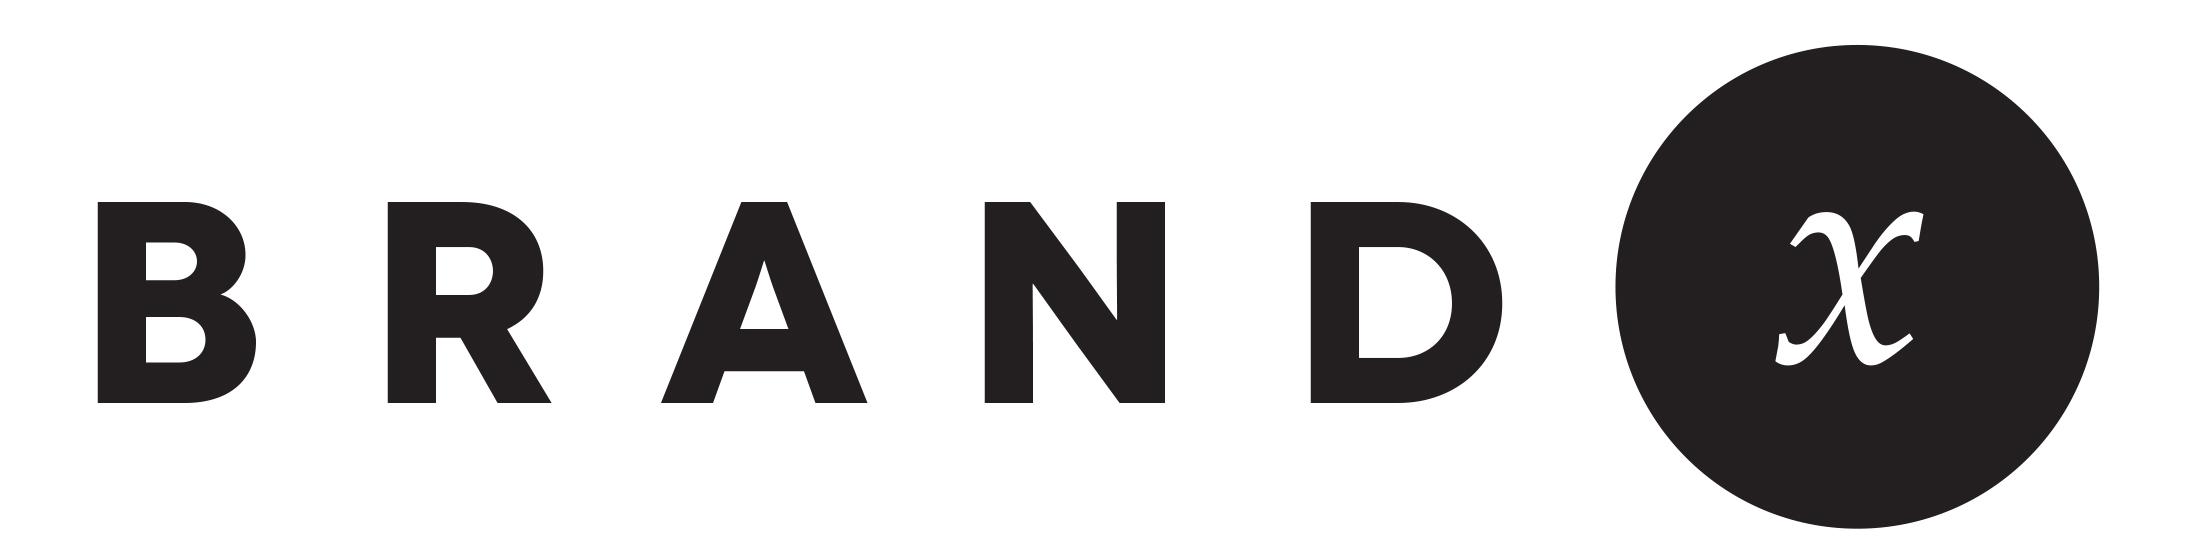 brand_x_logo.jpg